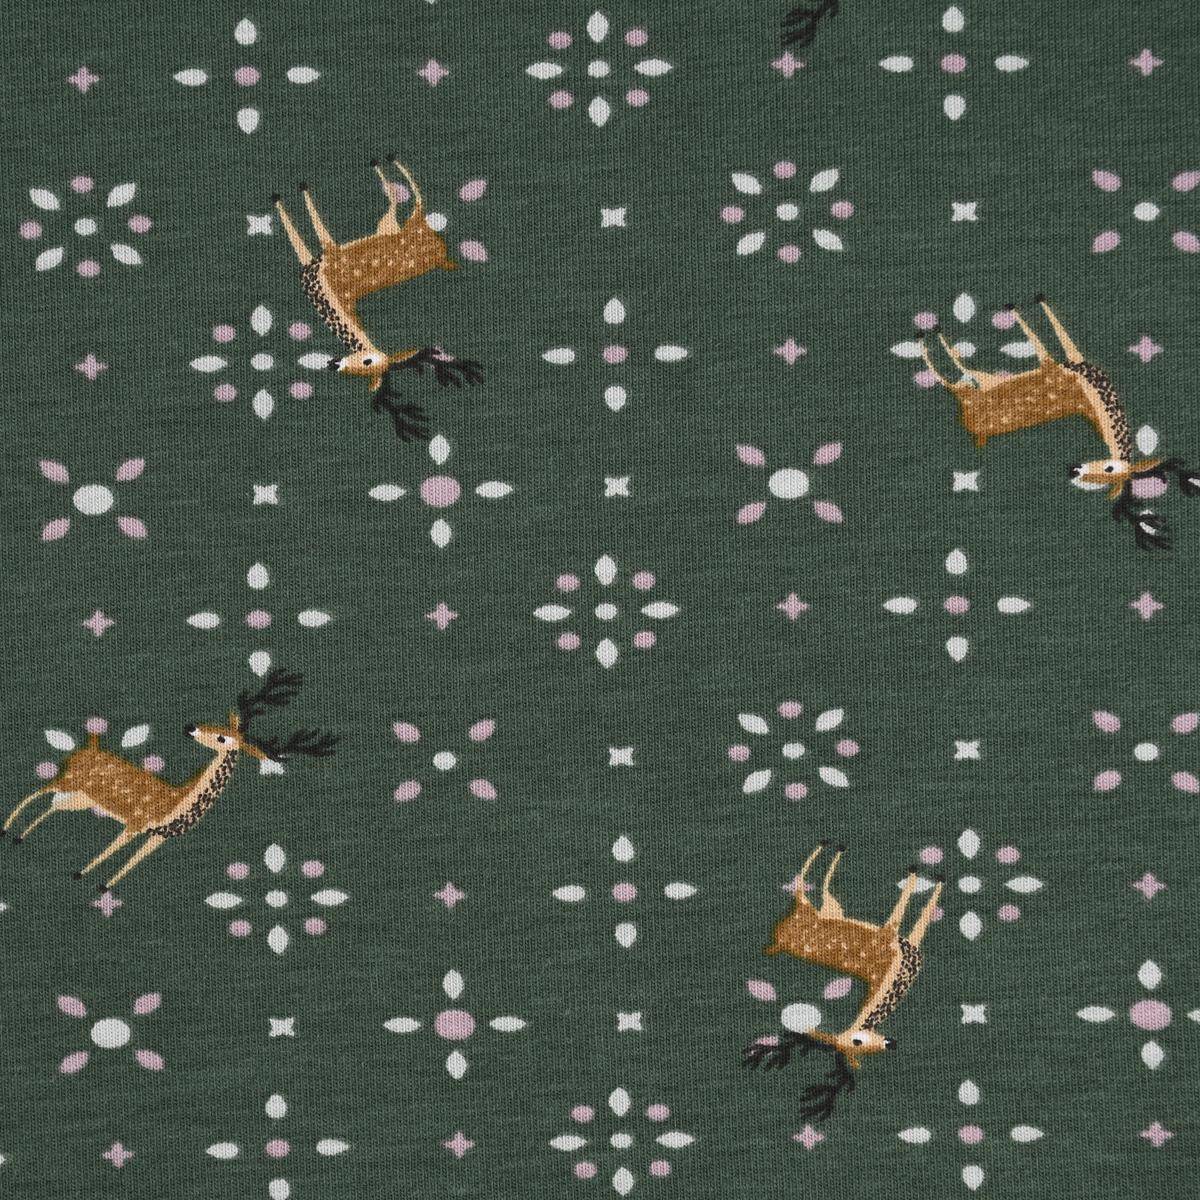 Baumwolljersey Jersey Reh Hirsch Punkte grün braun rosa 1,45m Breite